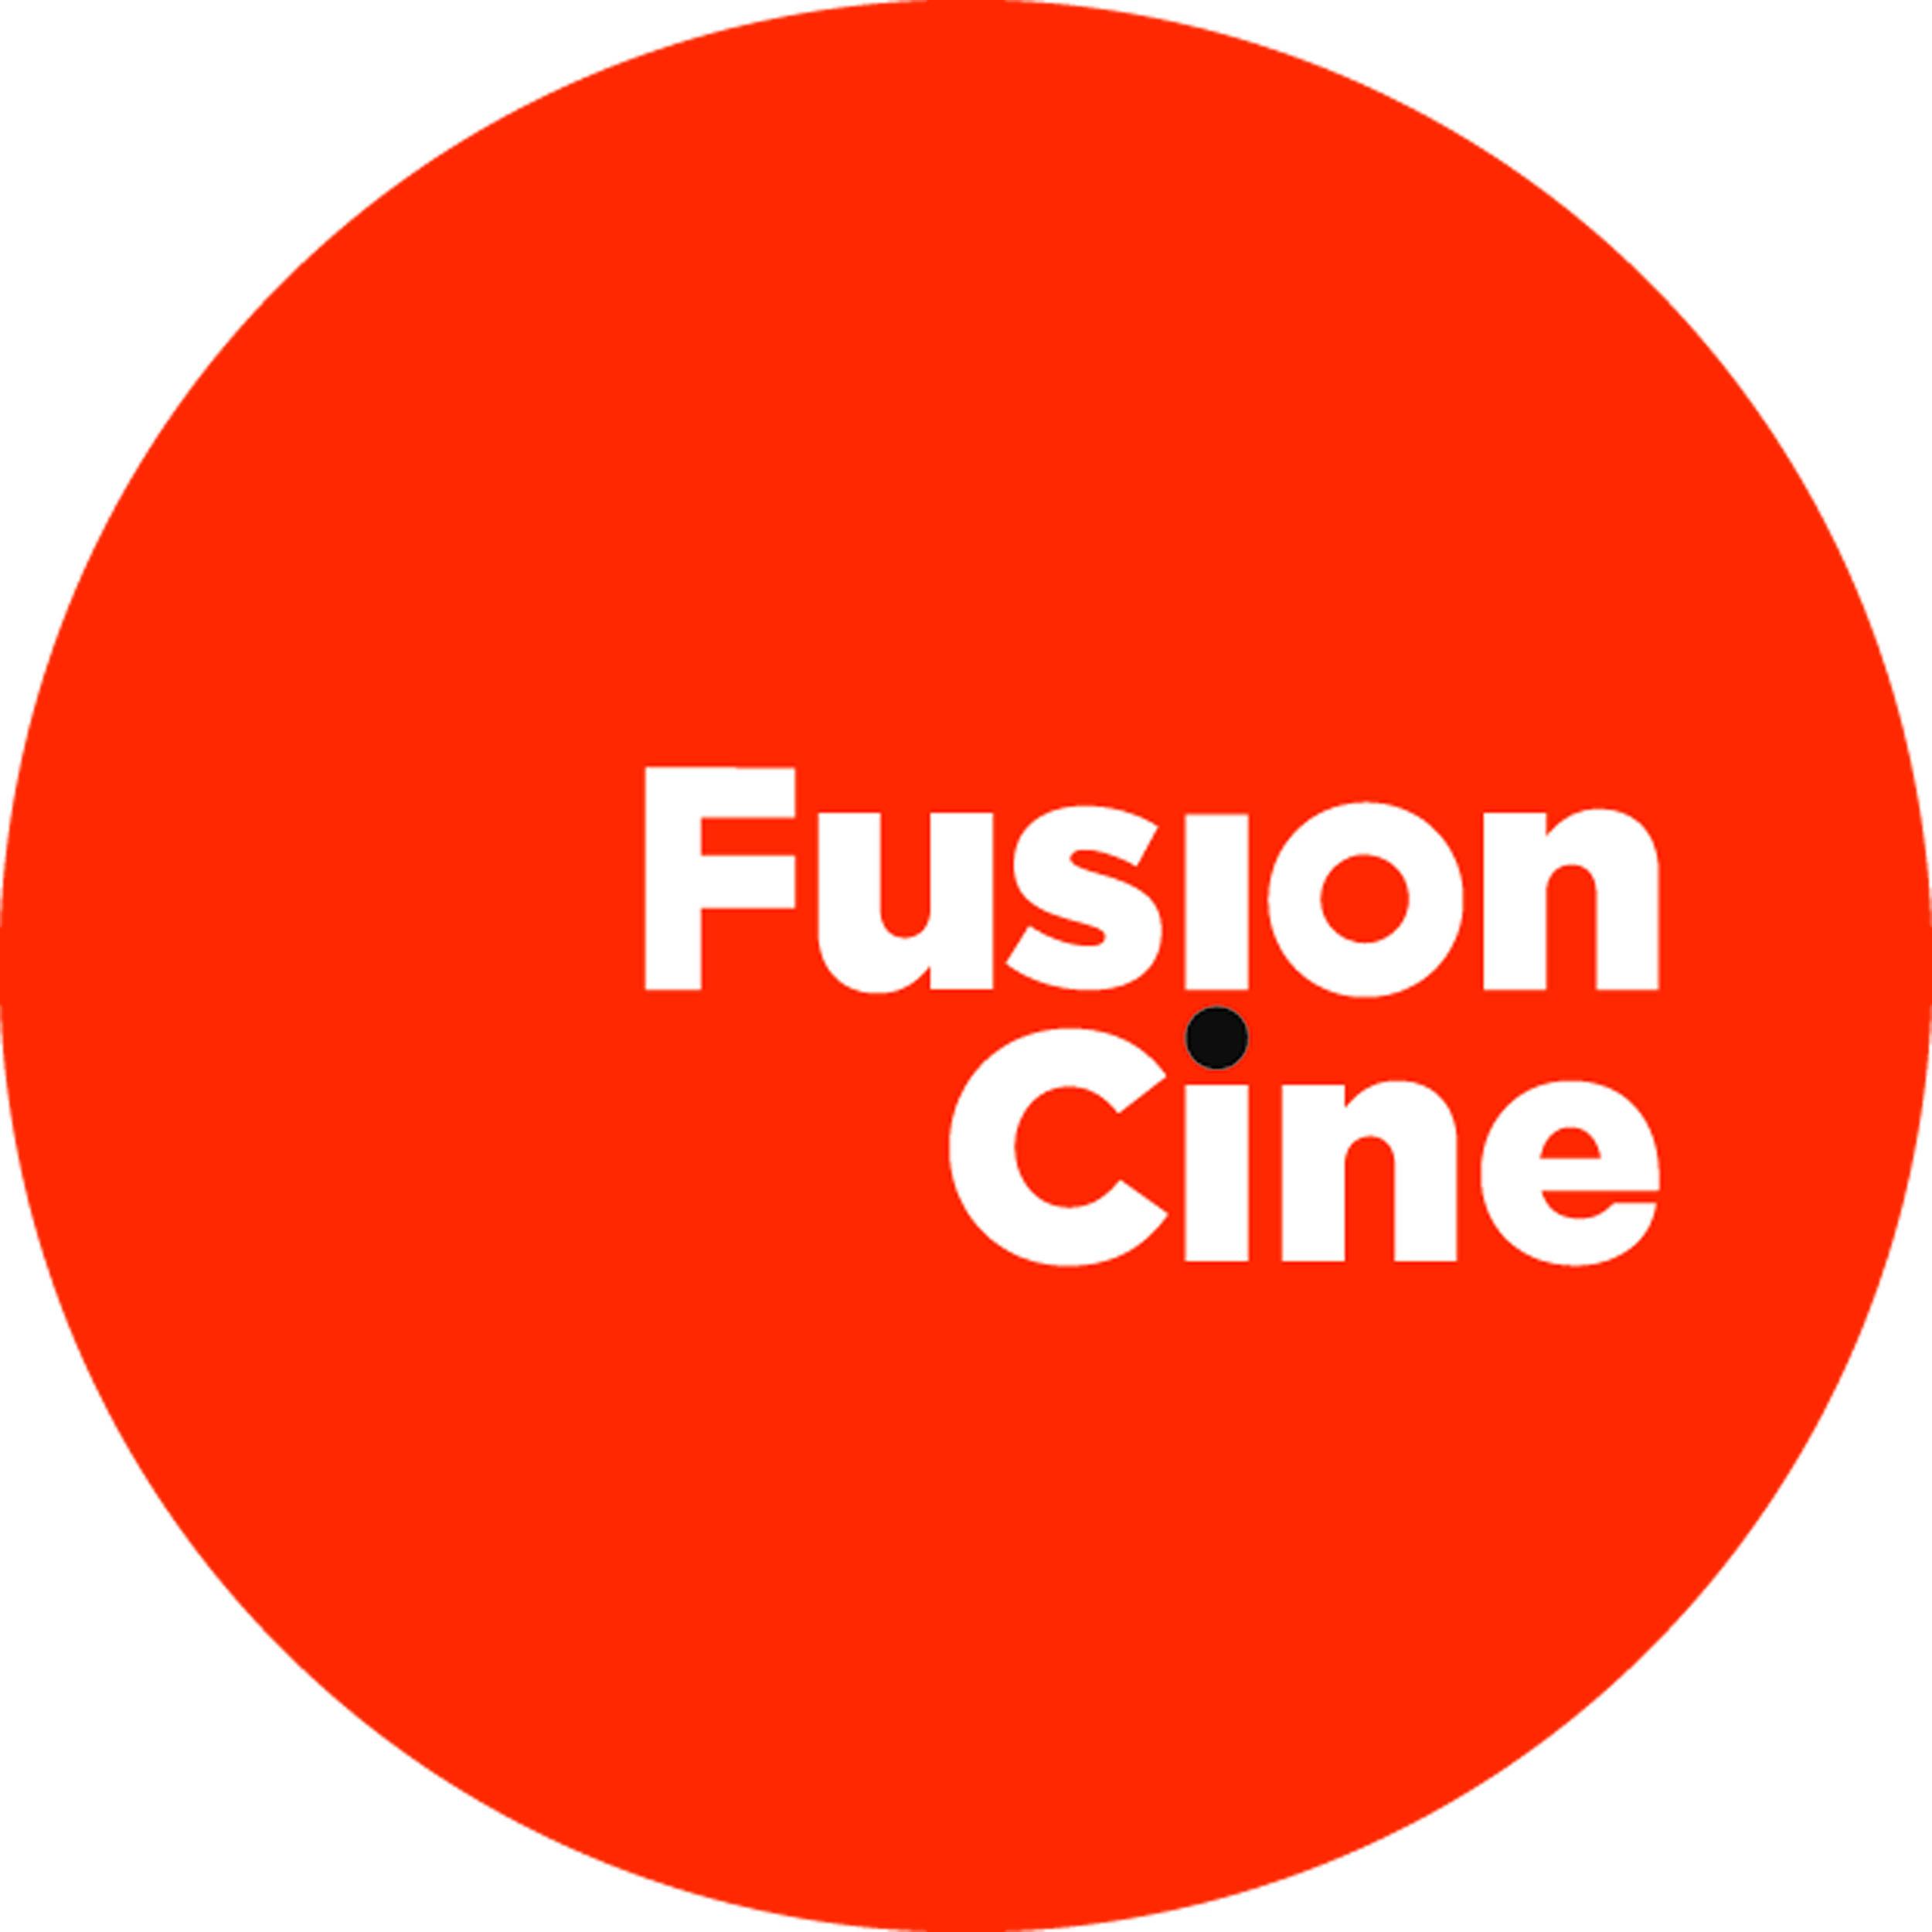 FusionCine